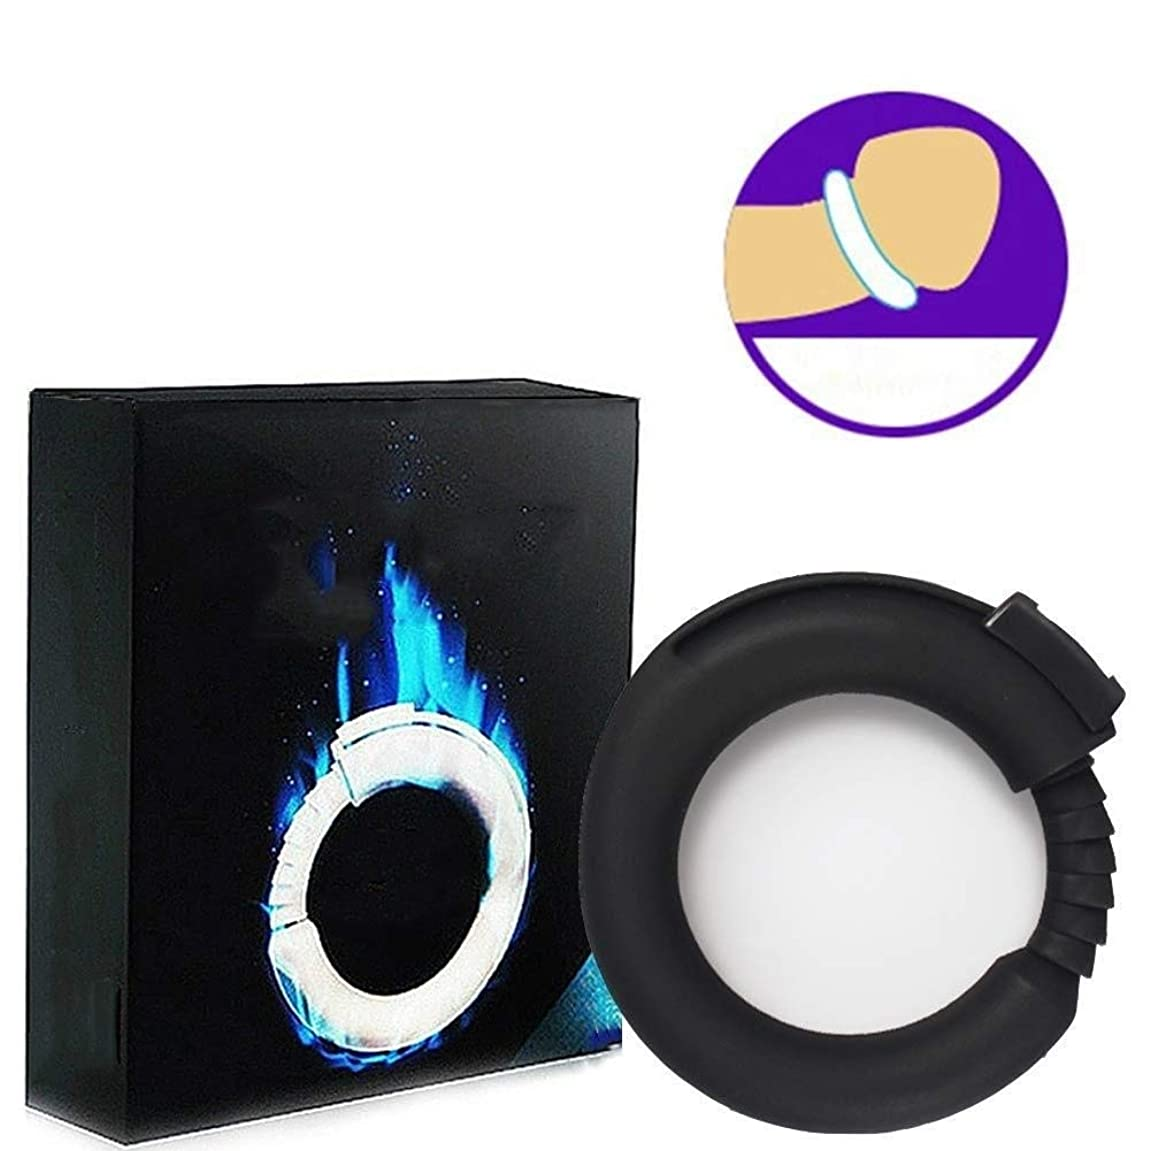 パラメータ然とした鉛振動リング、シリコーン男性強化エクササイズバンドOリング柔軟なリング - 100%医療用グレードシリコーン - リアル感 (Color : Black)